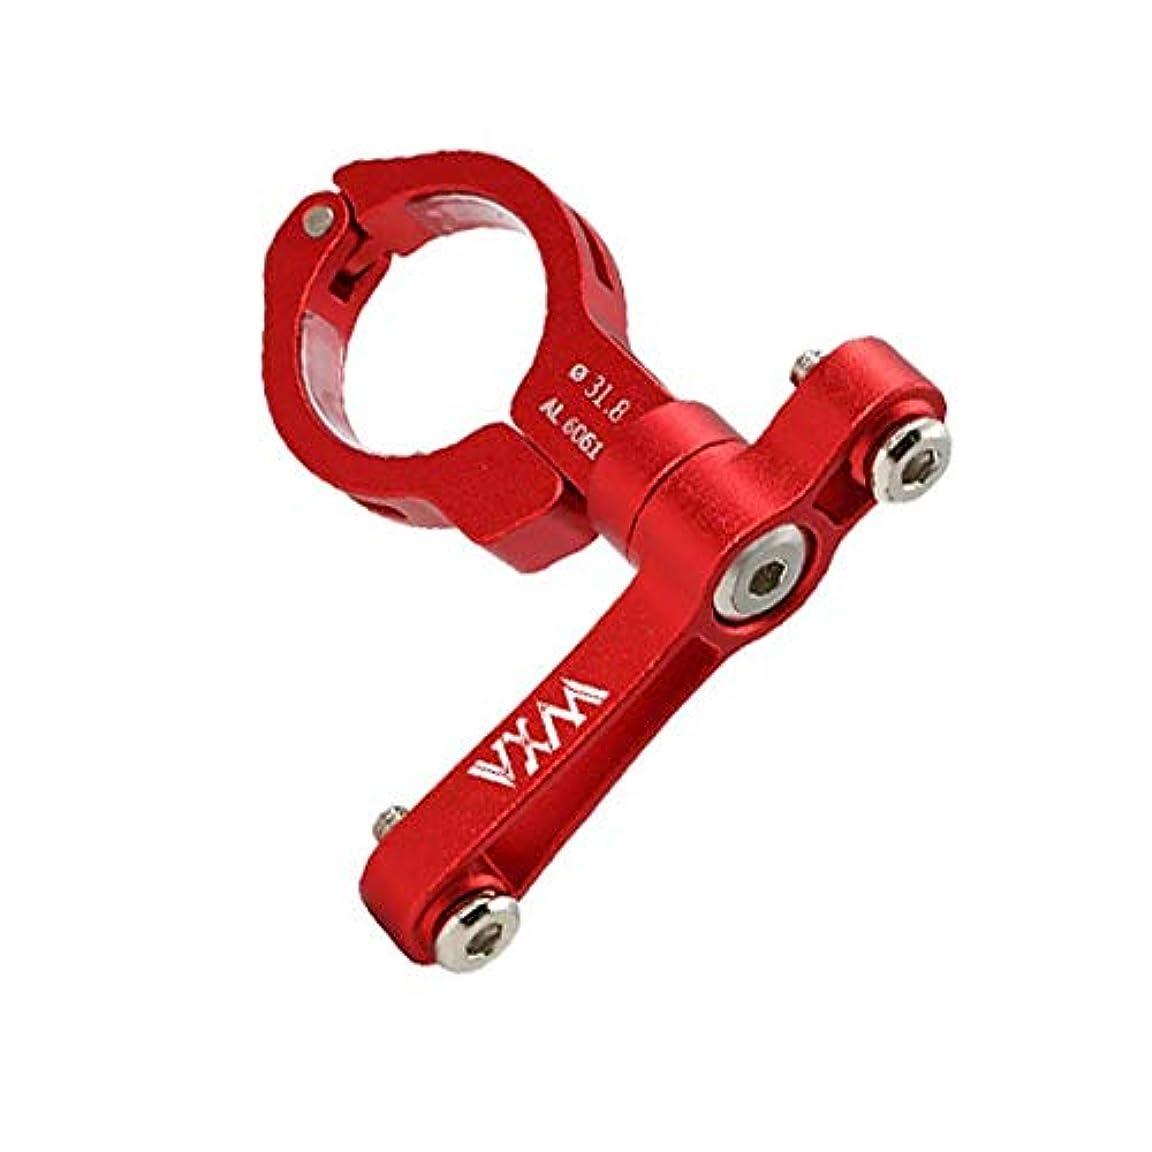 帰するしかし経度Propenary - Ultralight Bike Water Bottle Holder Bike Rack Bottle Bracket Seat Post Mounted Free Rotation Bar Mount Bicycle Water Cage [ Red ]